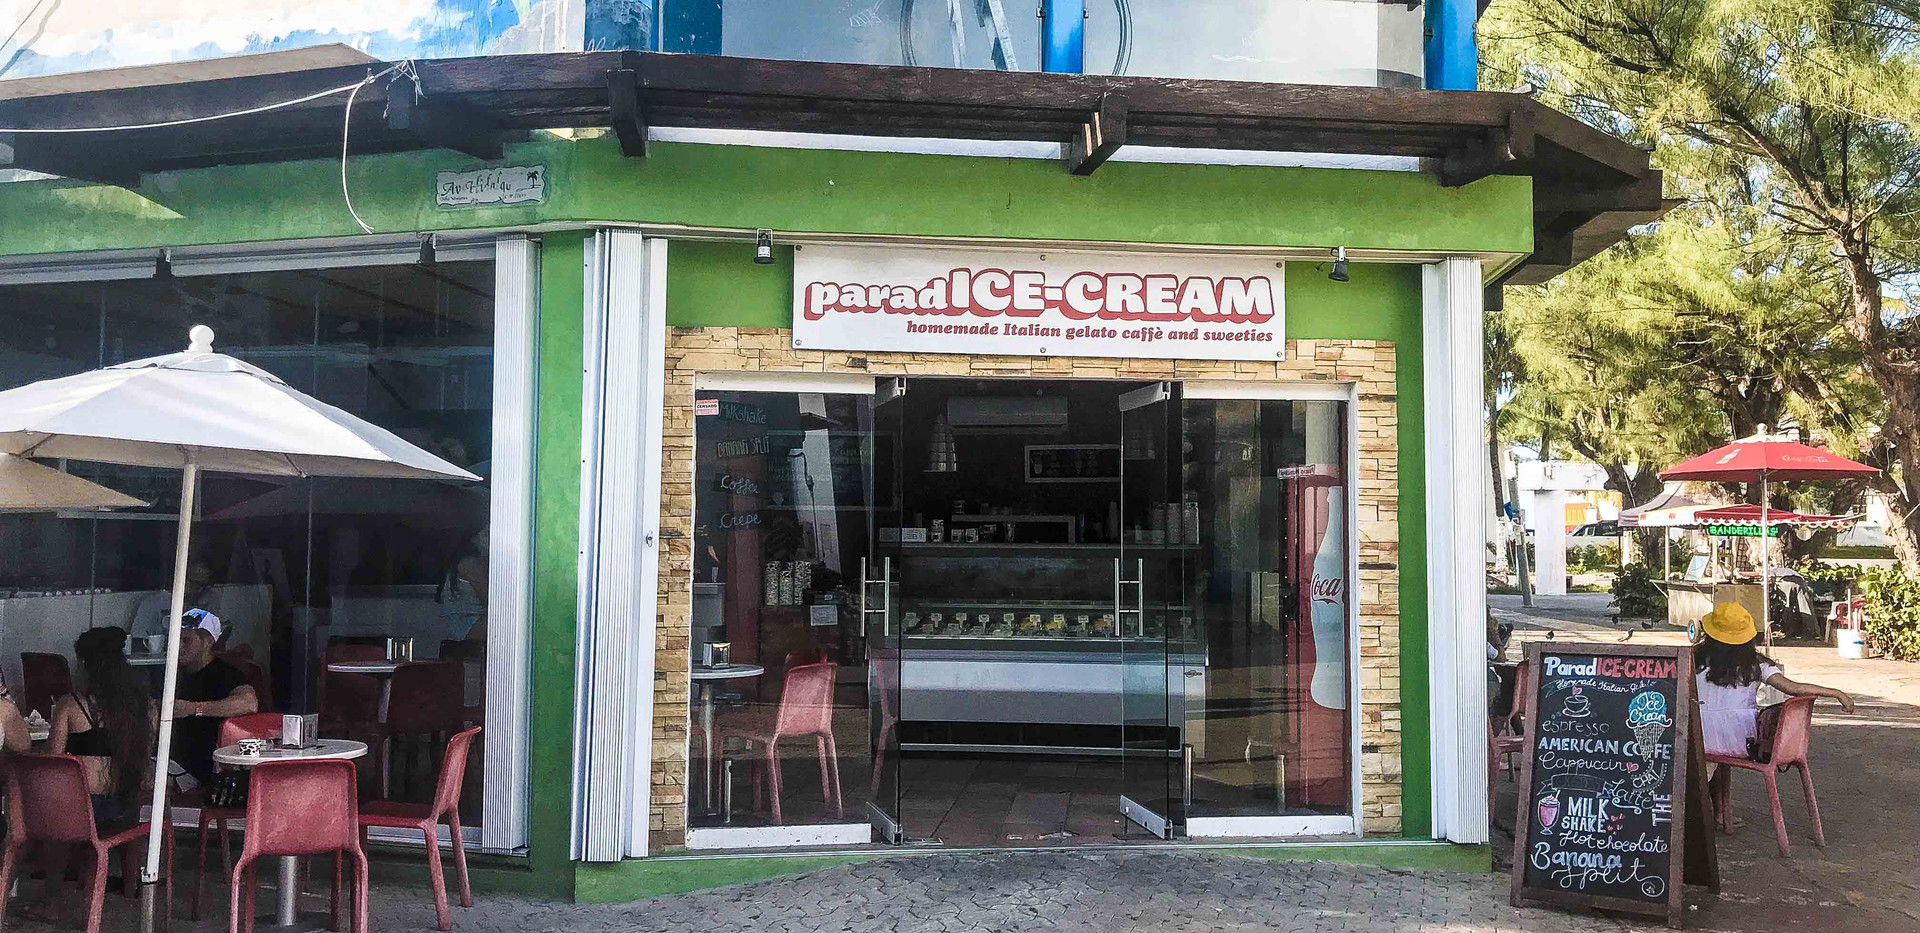 Paradice-Cream111-tasteofisla-islamujere